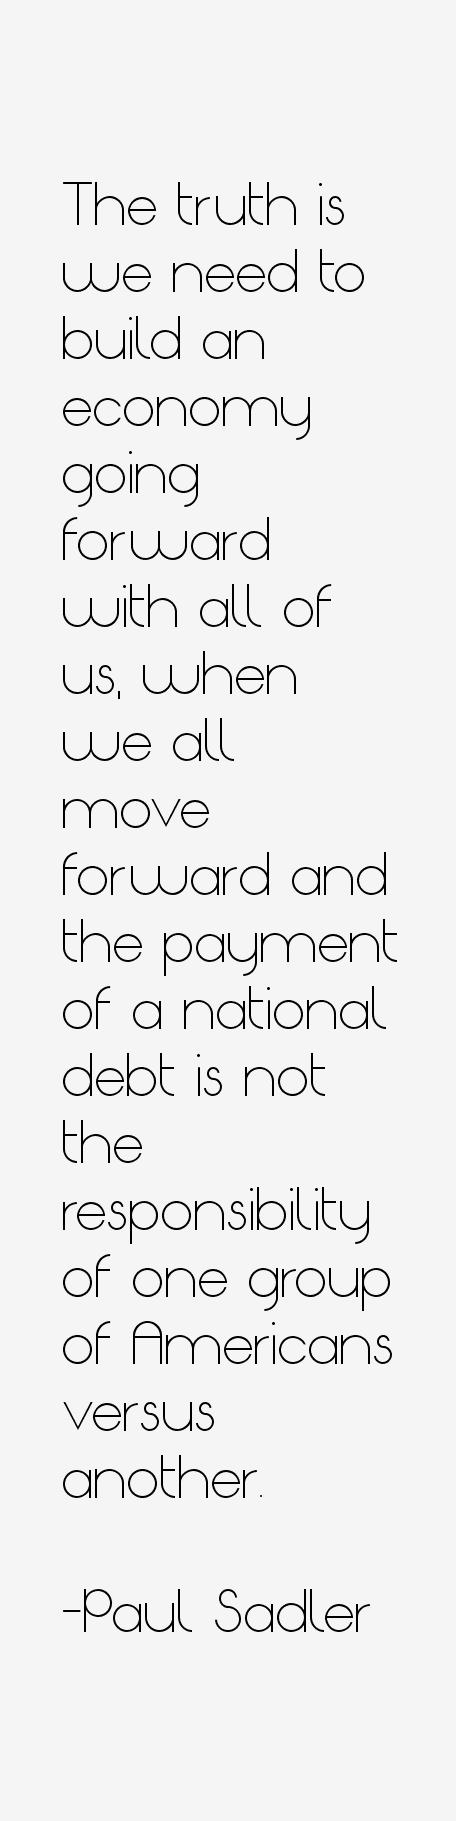 Paul Sadler Quotes